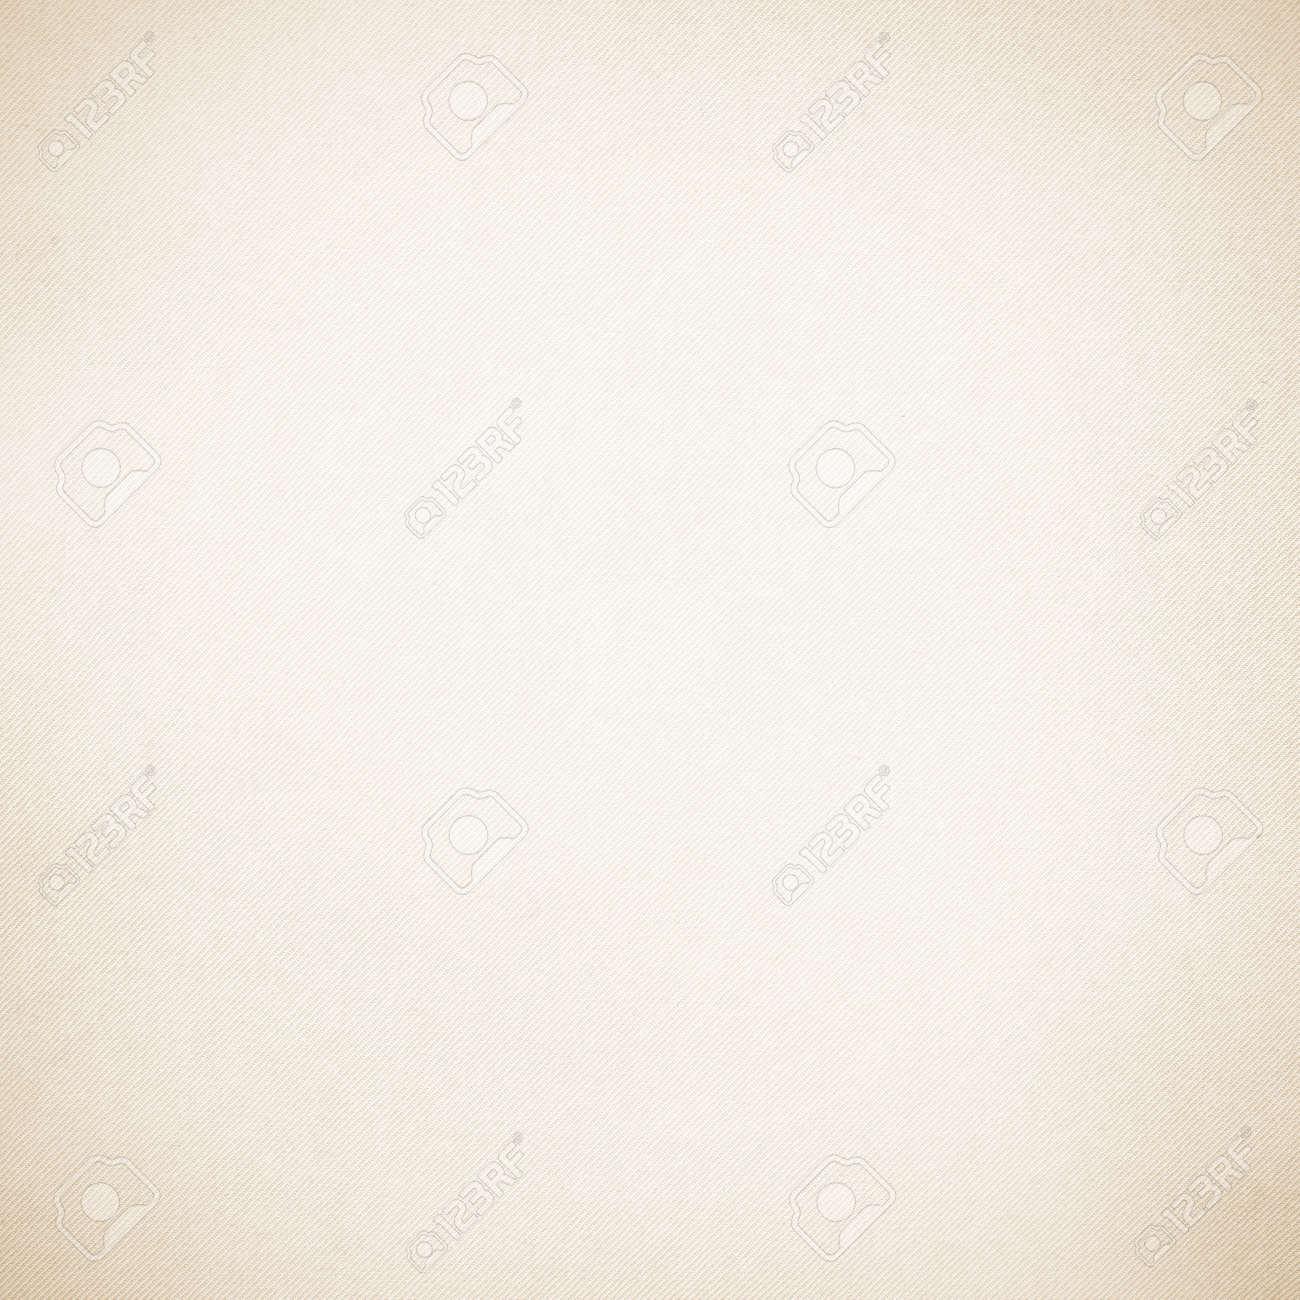 白い壁紙ベージュ キャンバスのテクスチャ背景の微妙なビネットおよび